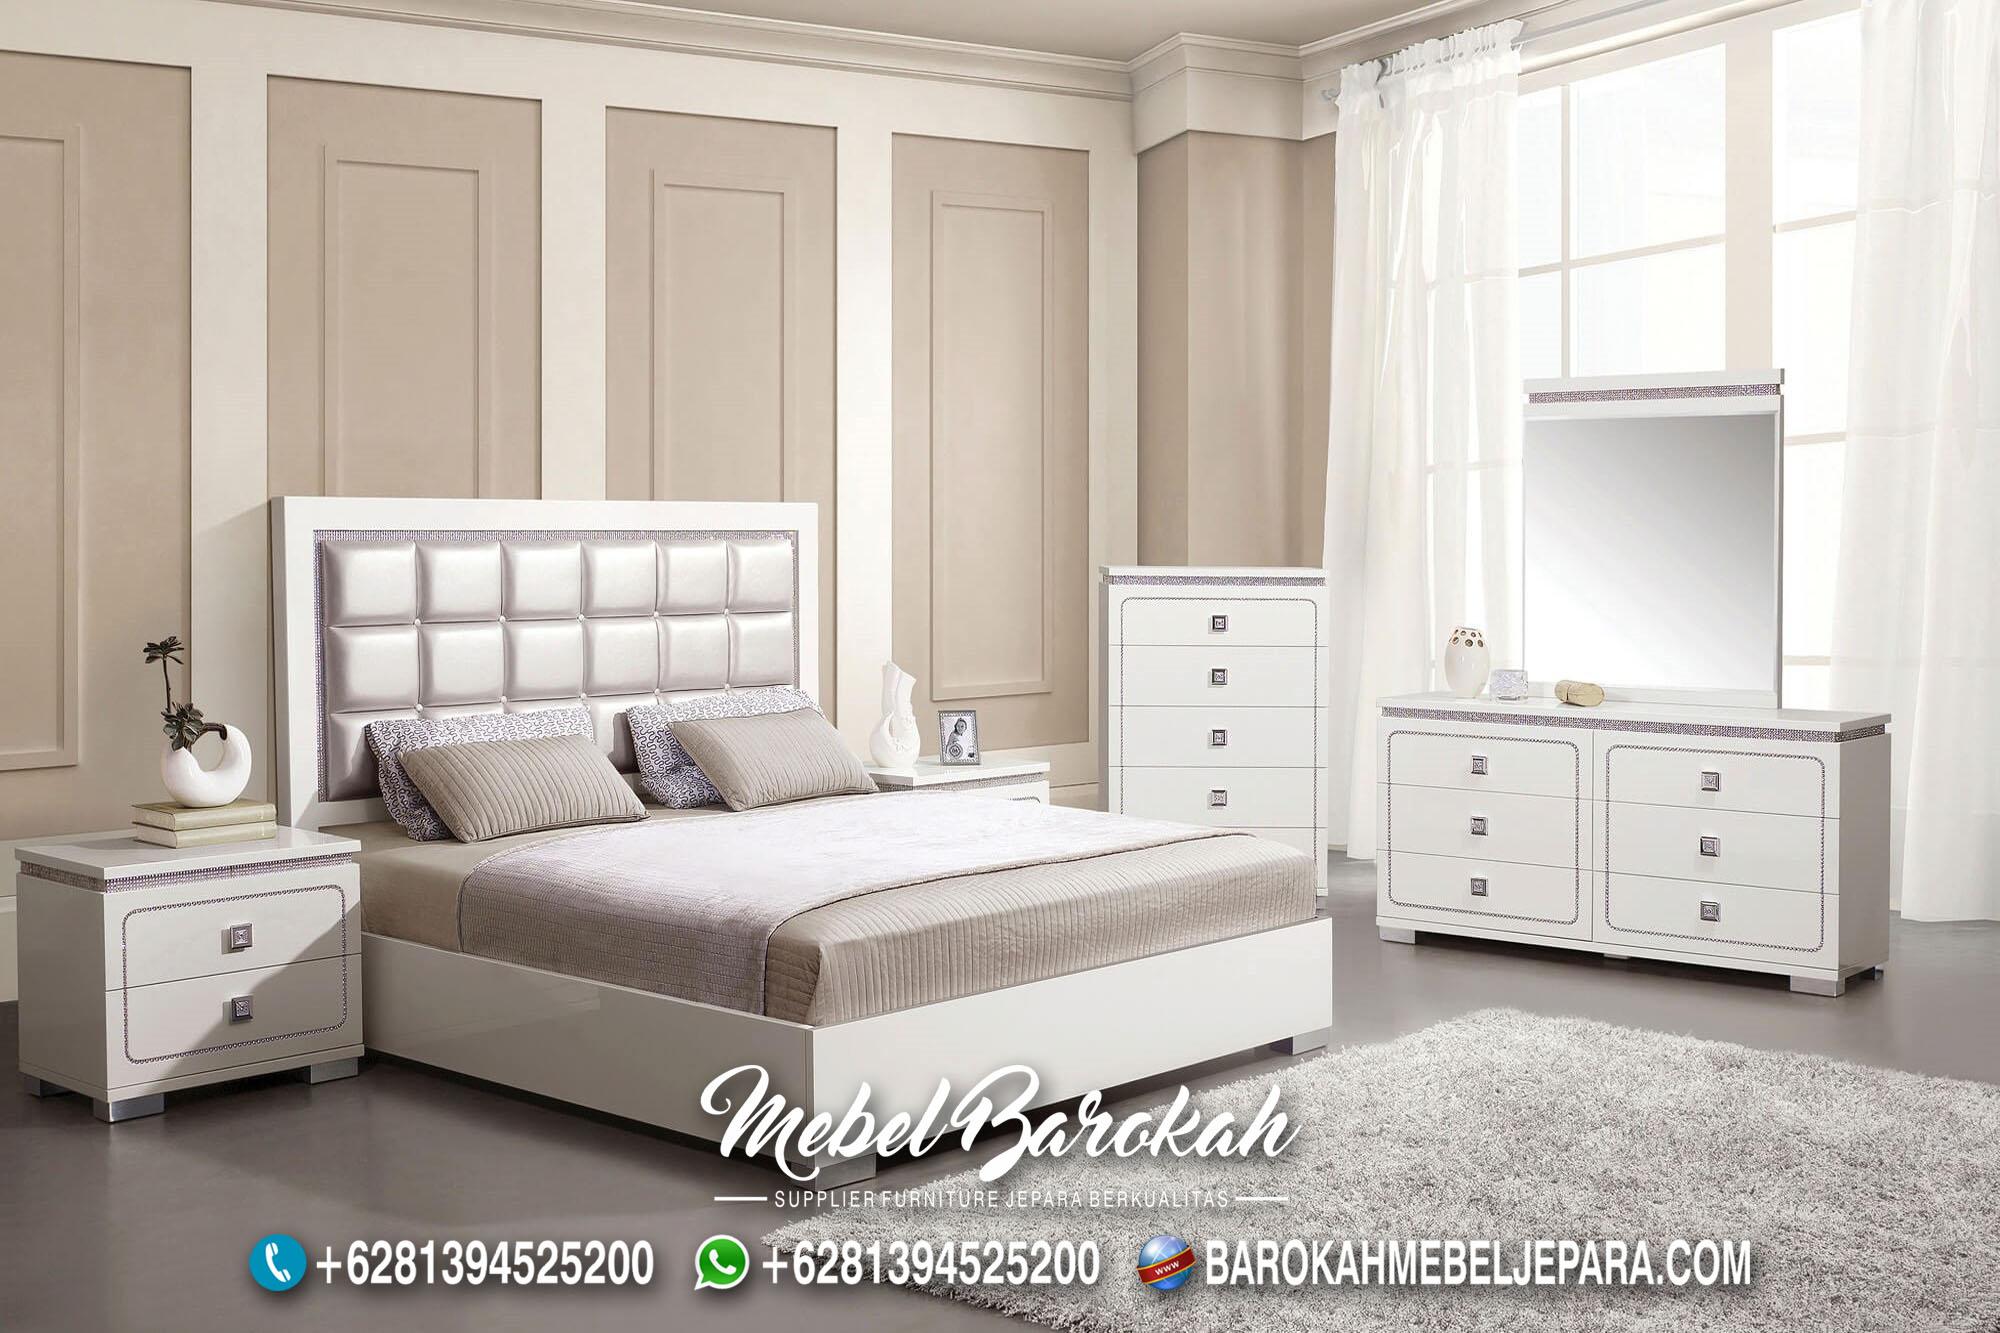 Desain Tempat Tidur Minimalis Simple MB-688